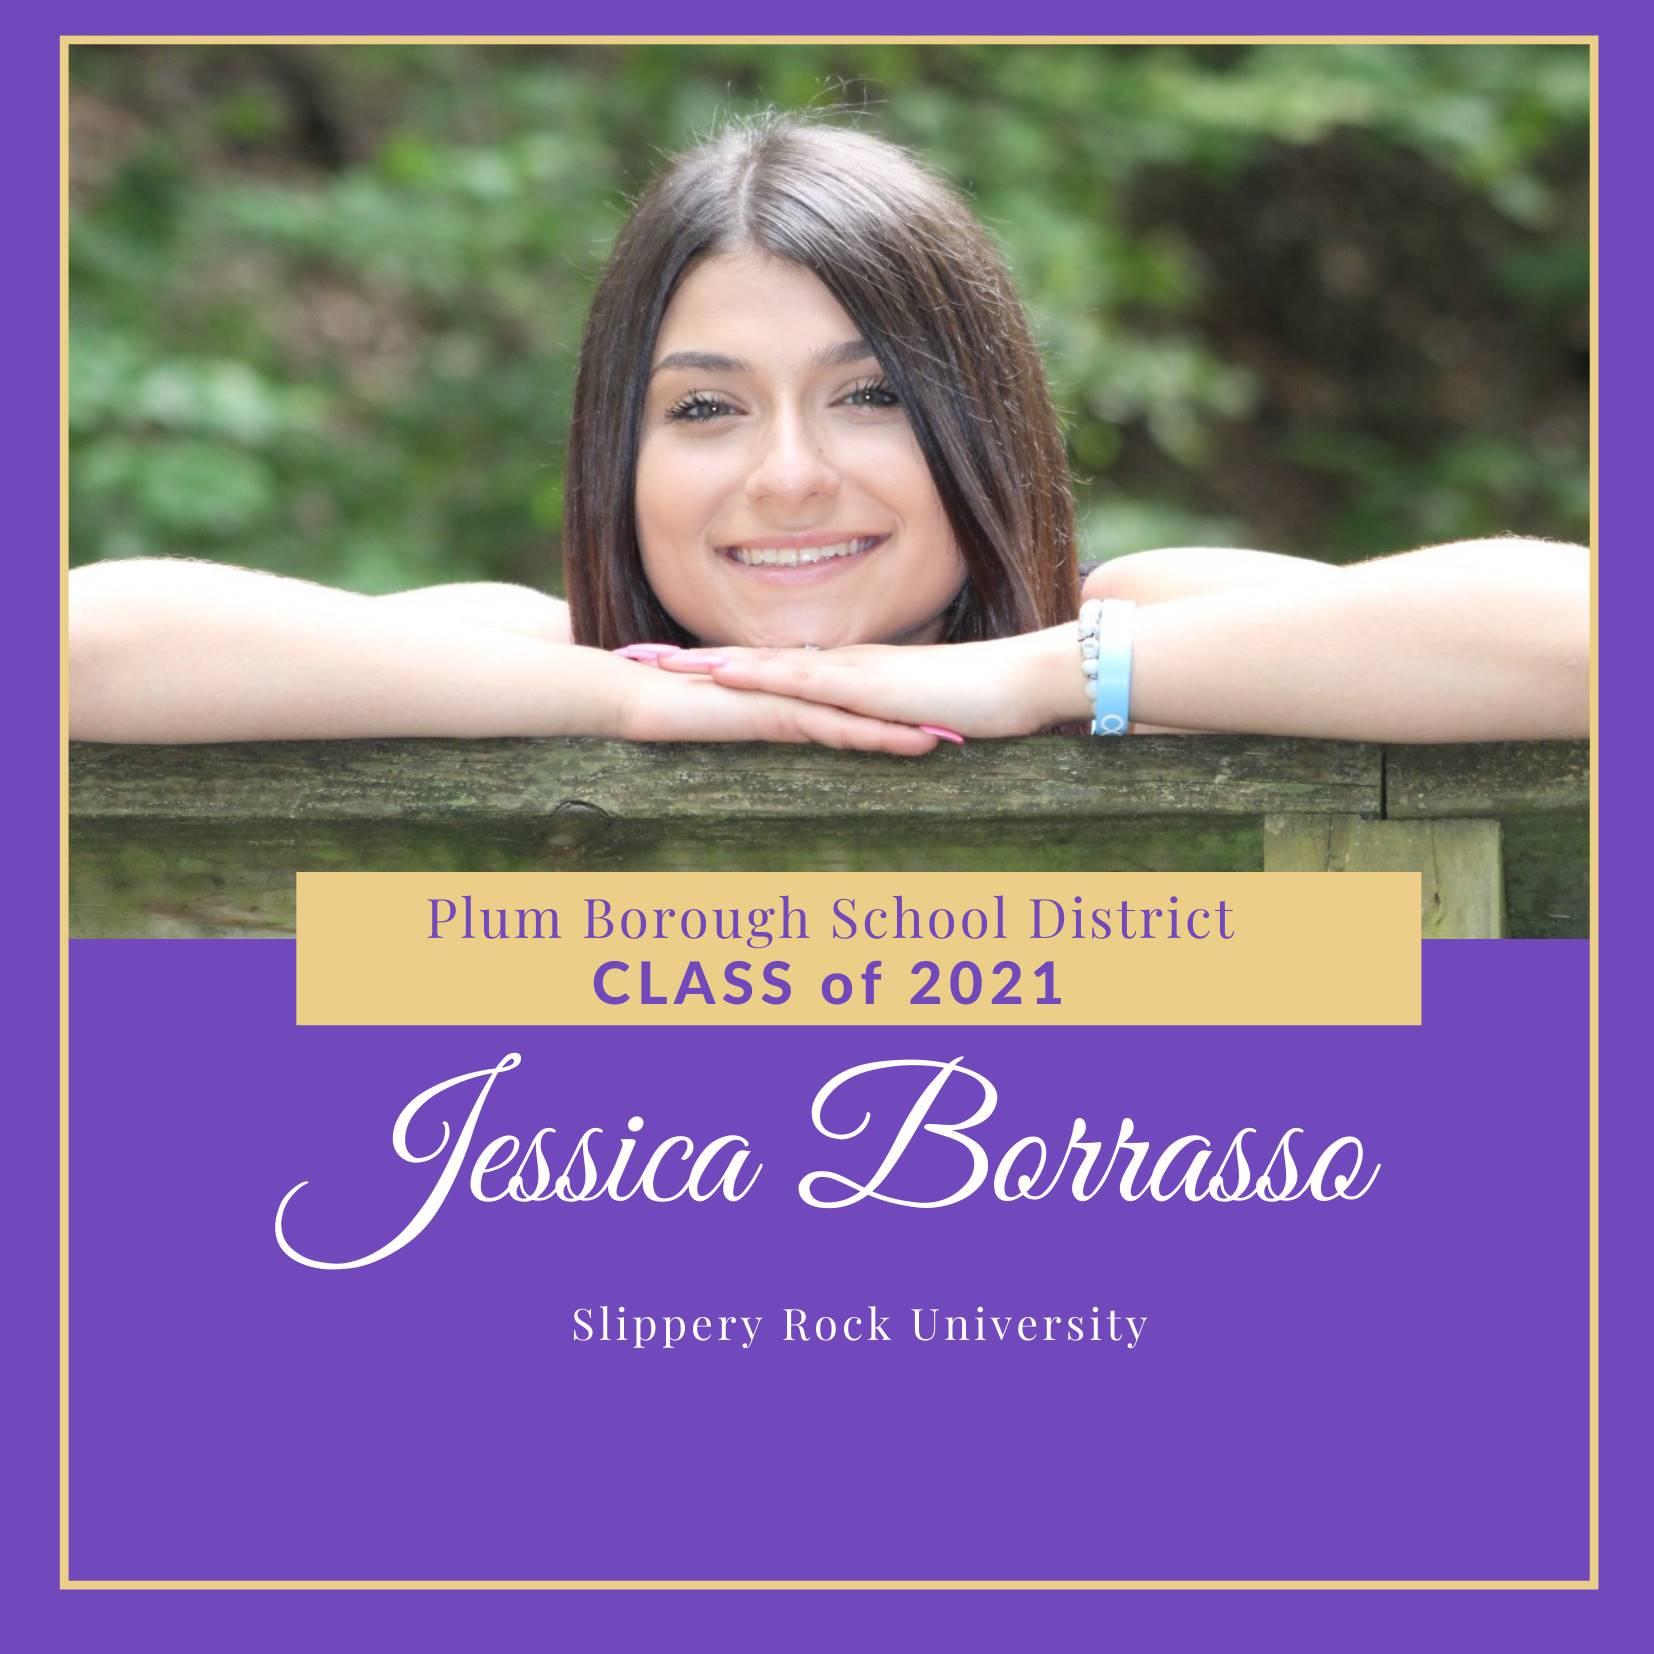 Congratulations to Jessica Borrasso, Class of 2021!